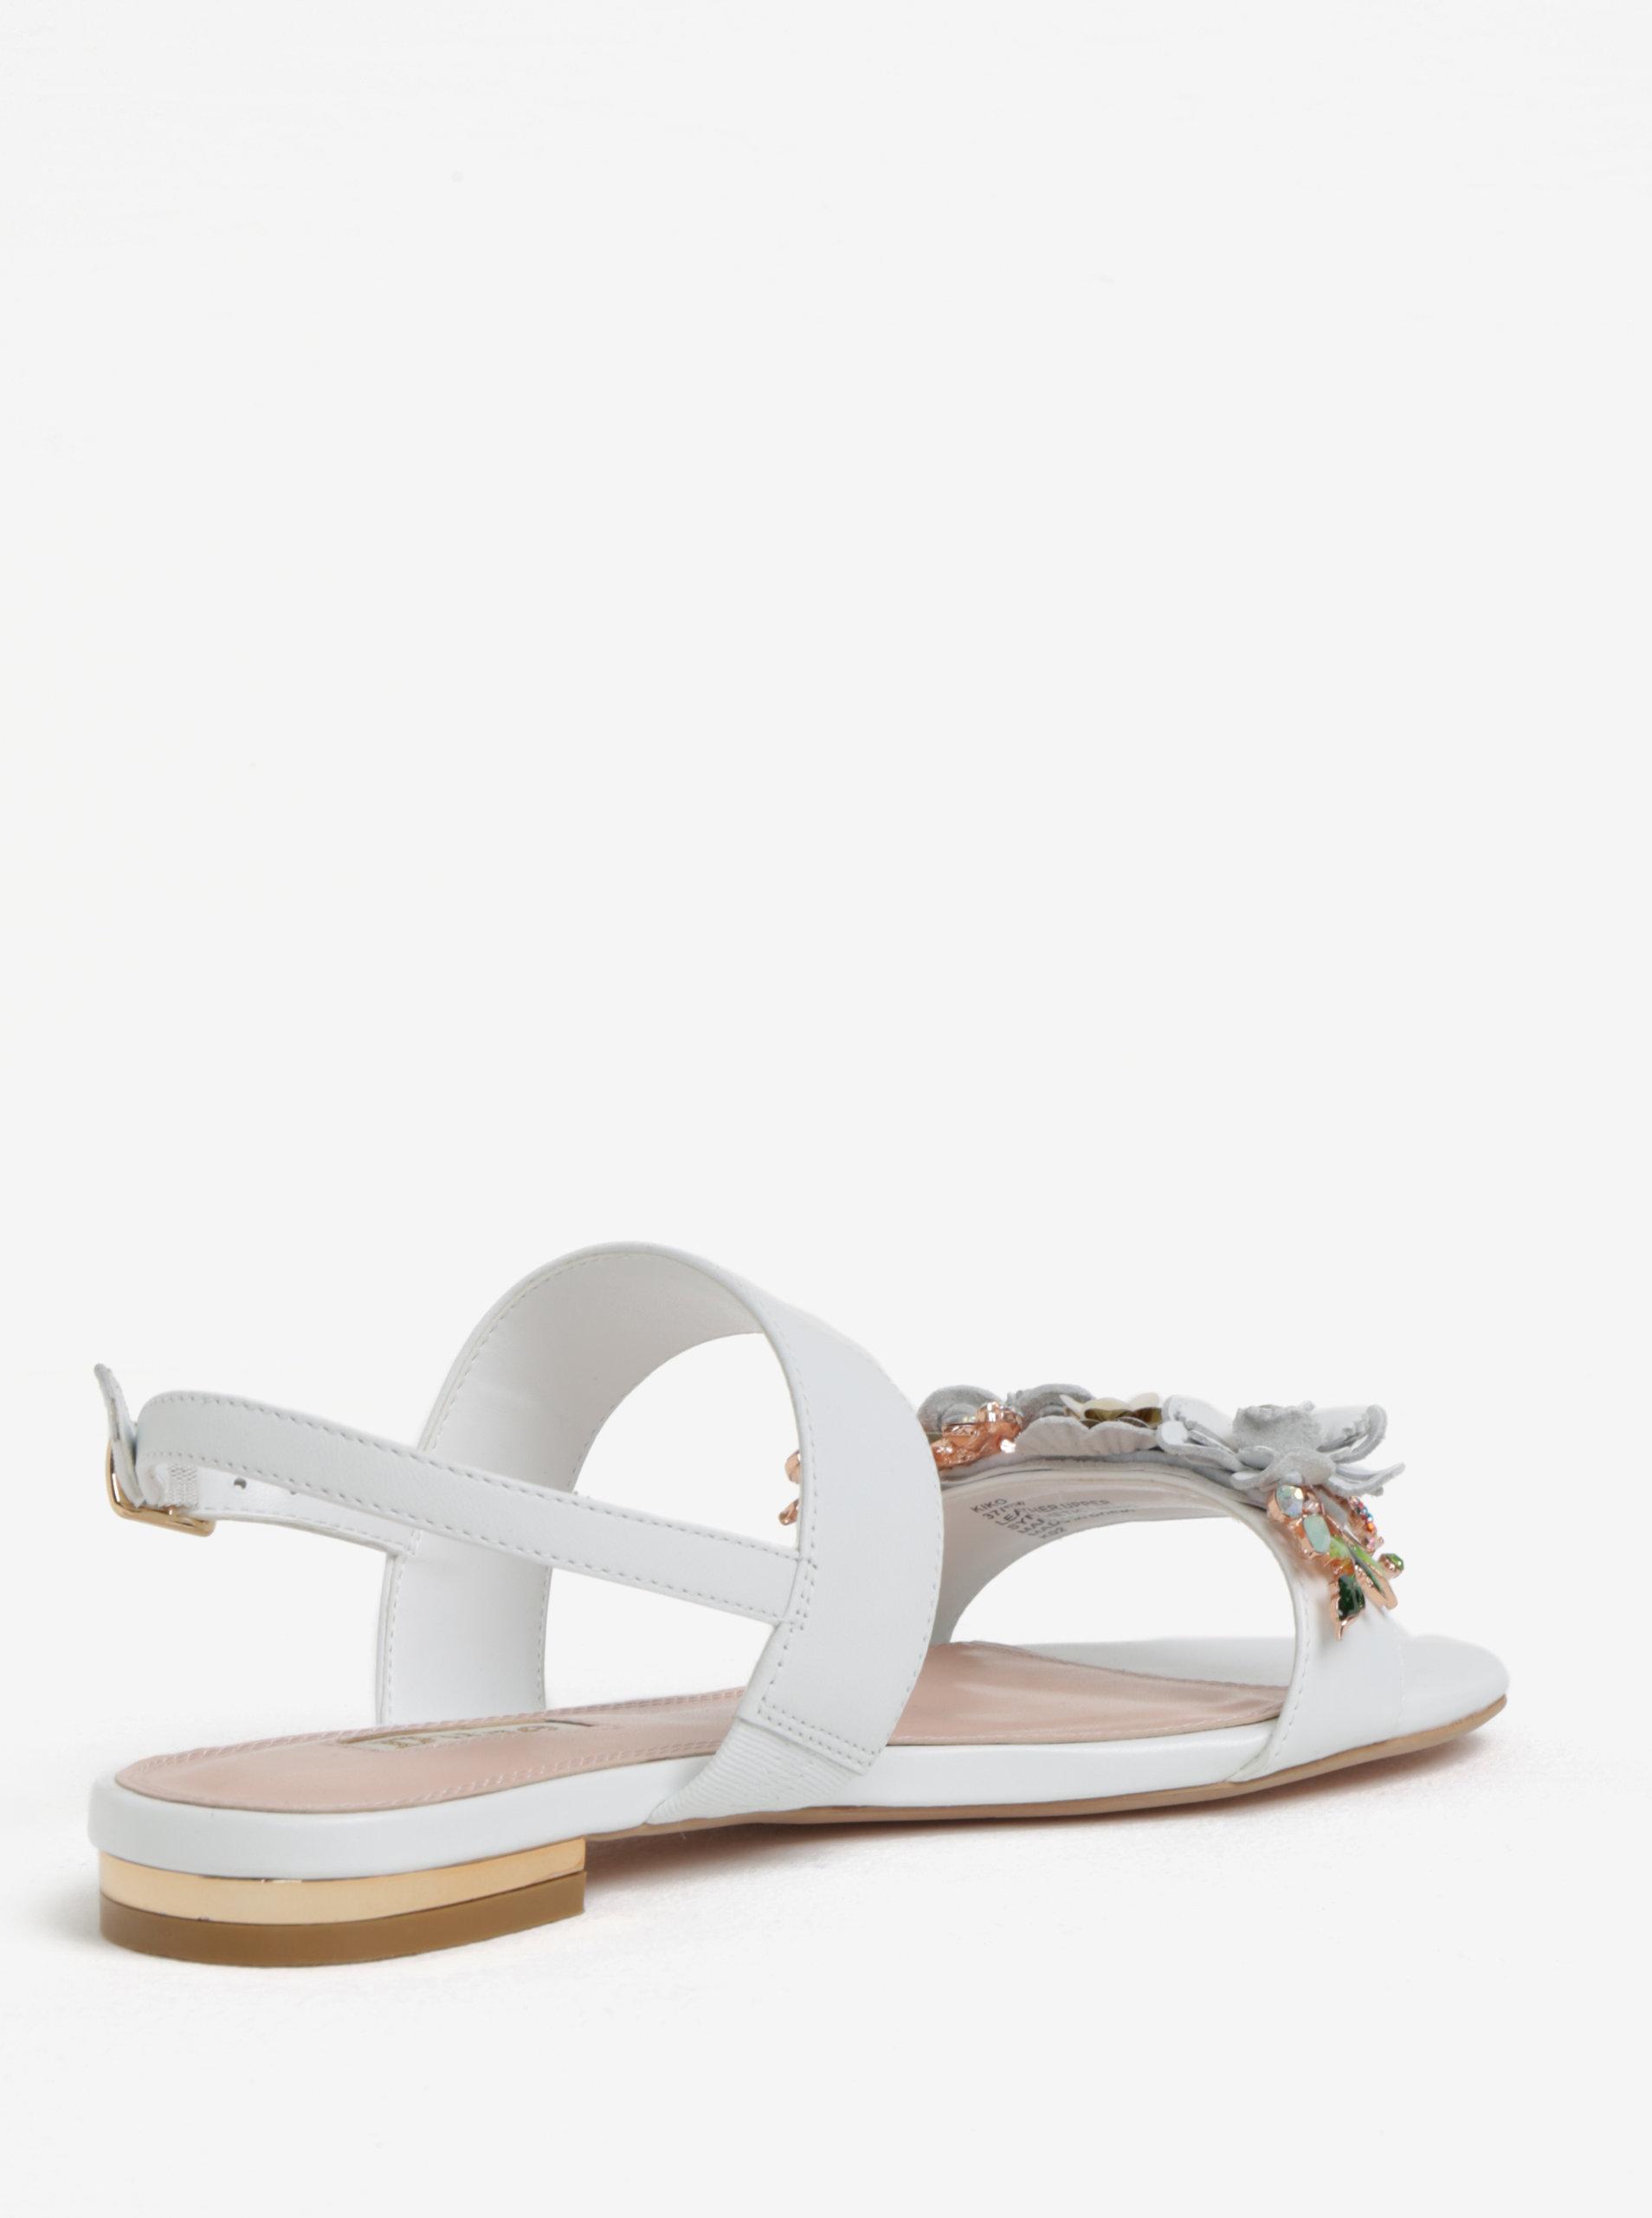 da29156ac795 Biele kožené sandáliky s kvetinovou ozdobou Dune London Kiko ...